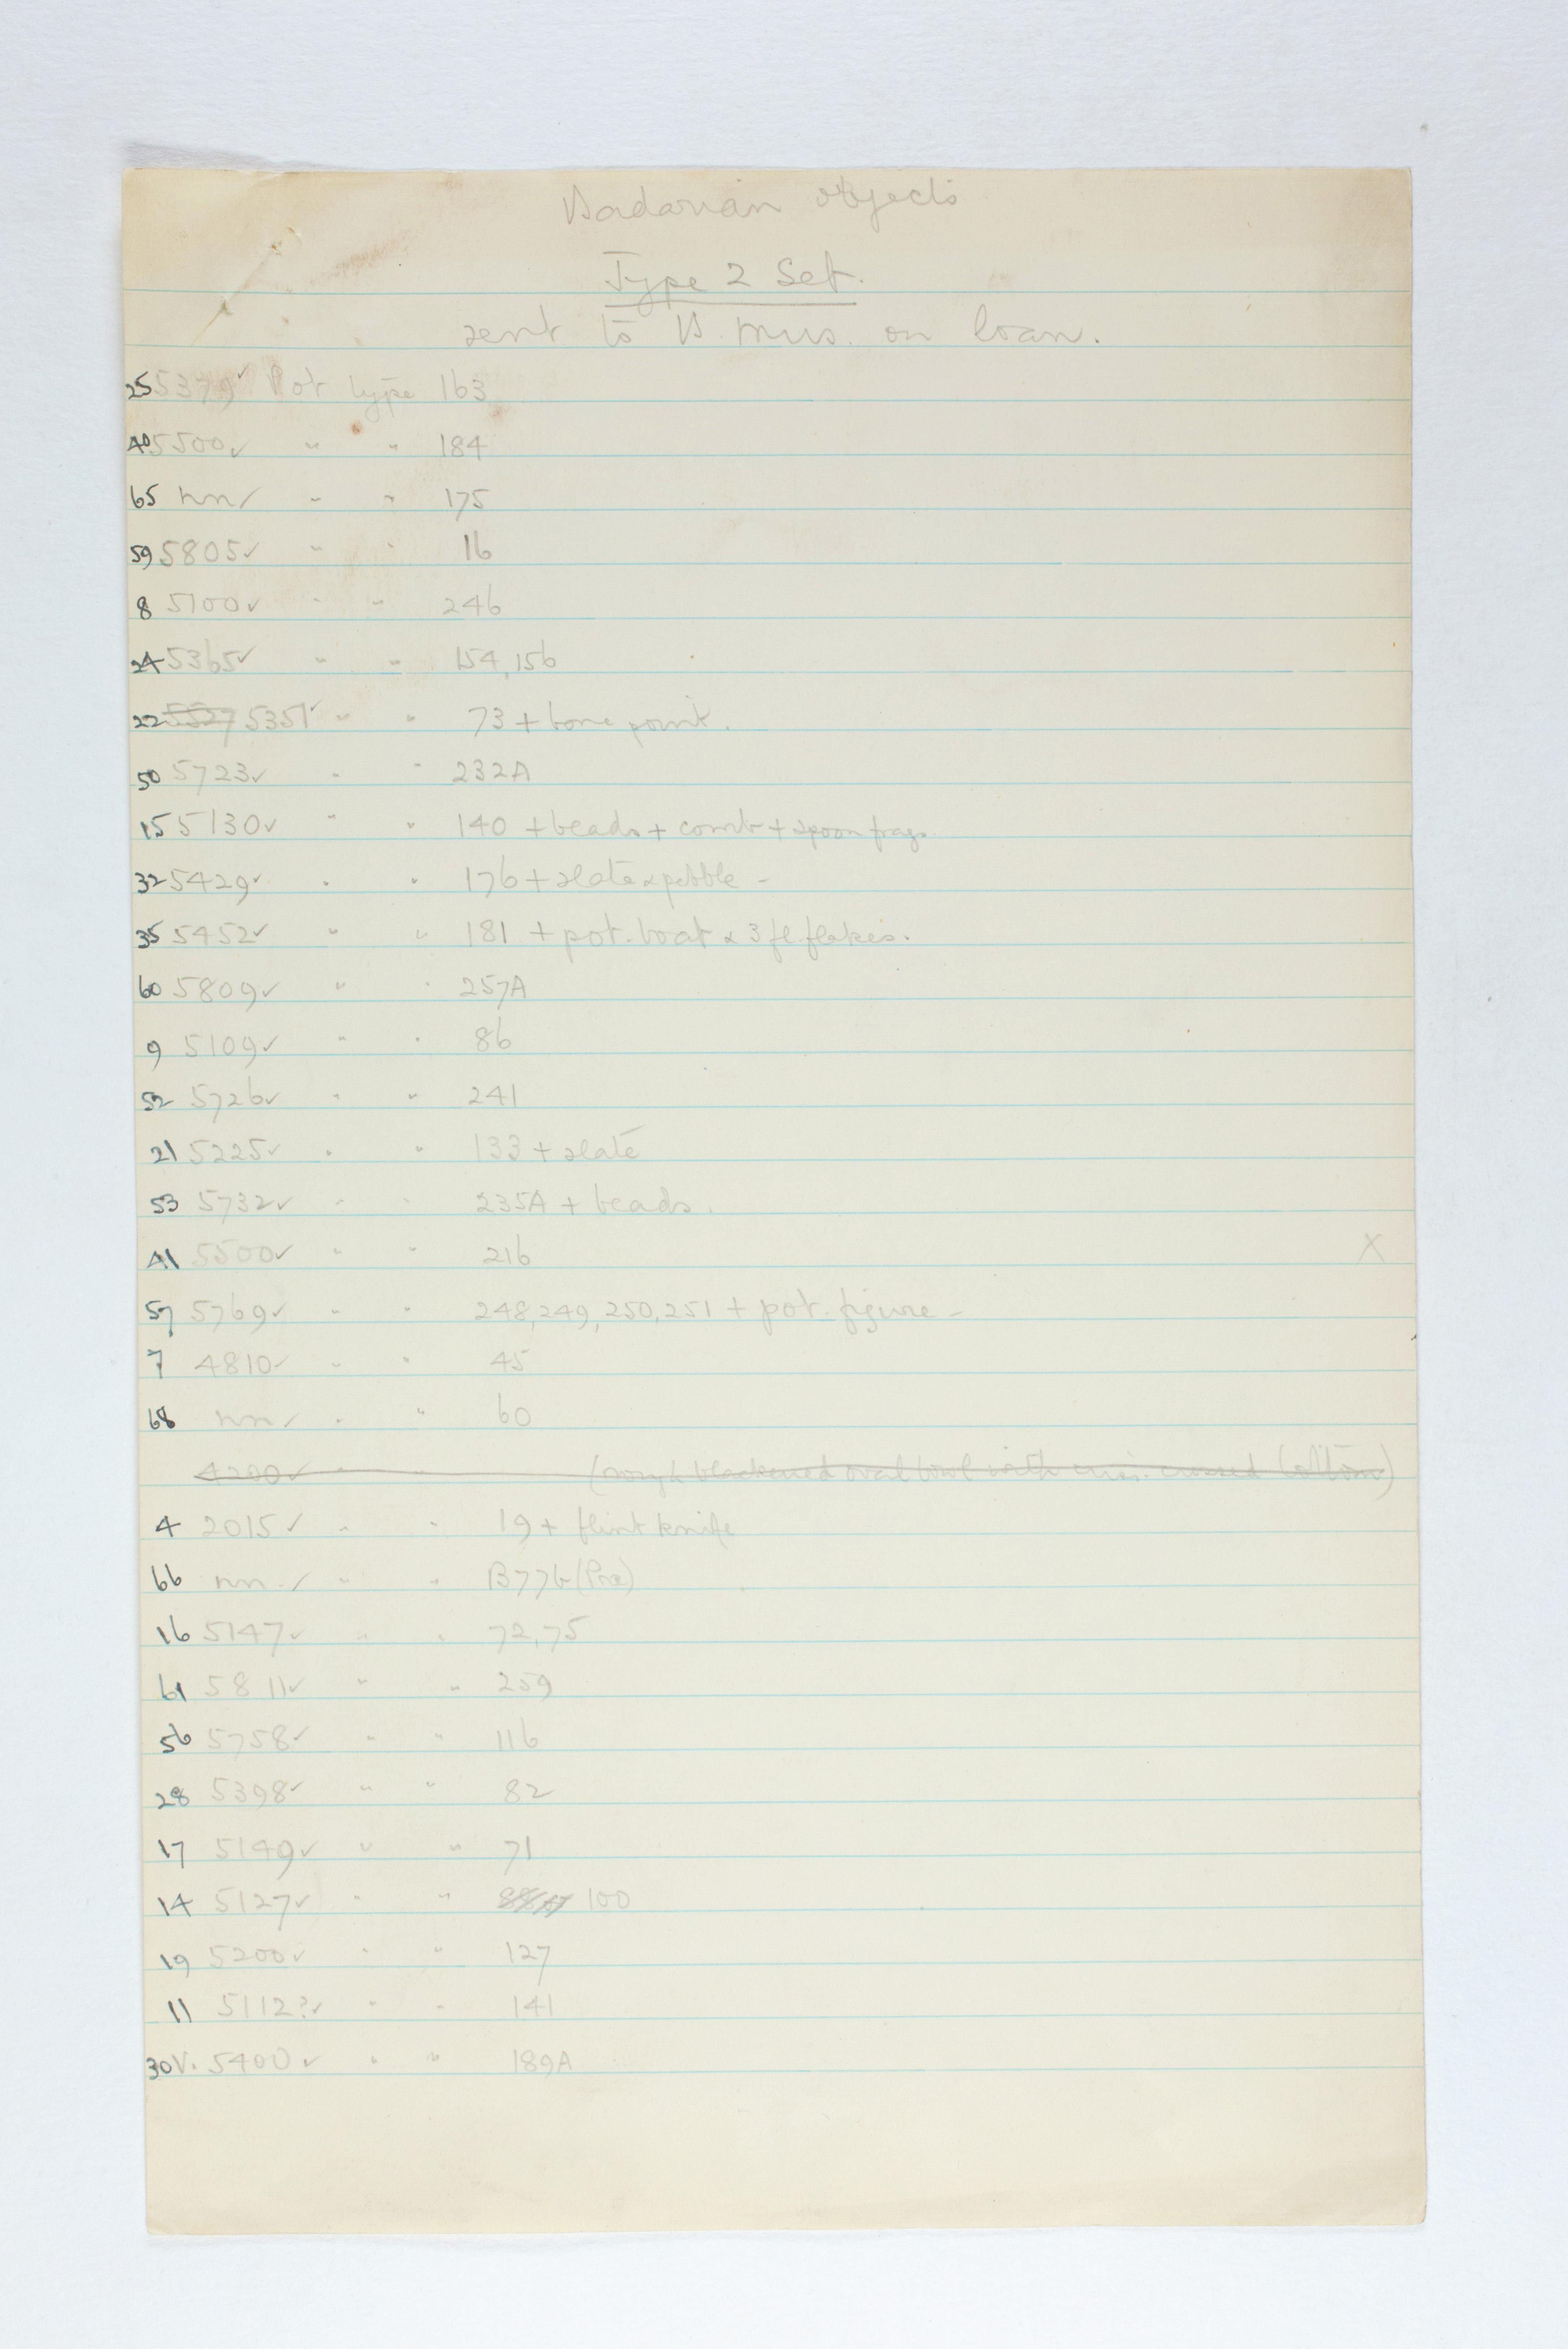 1924-25 Badari, Faiyum Object list PMA/WFP1/D/28/1.1